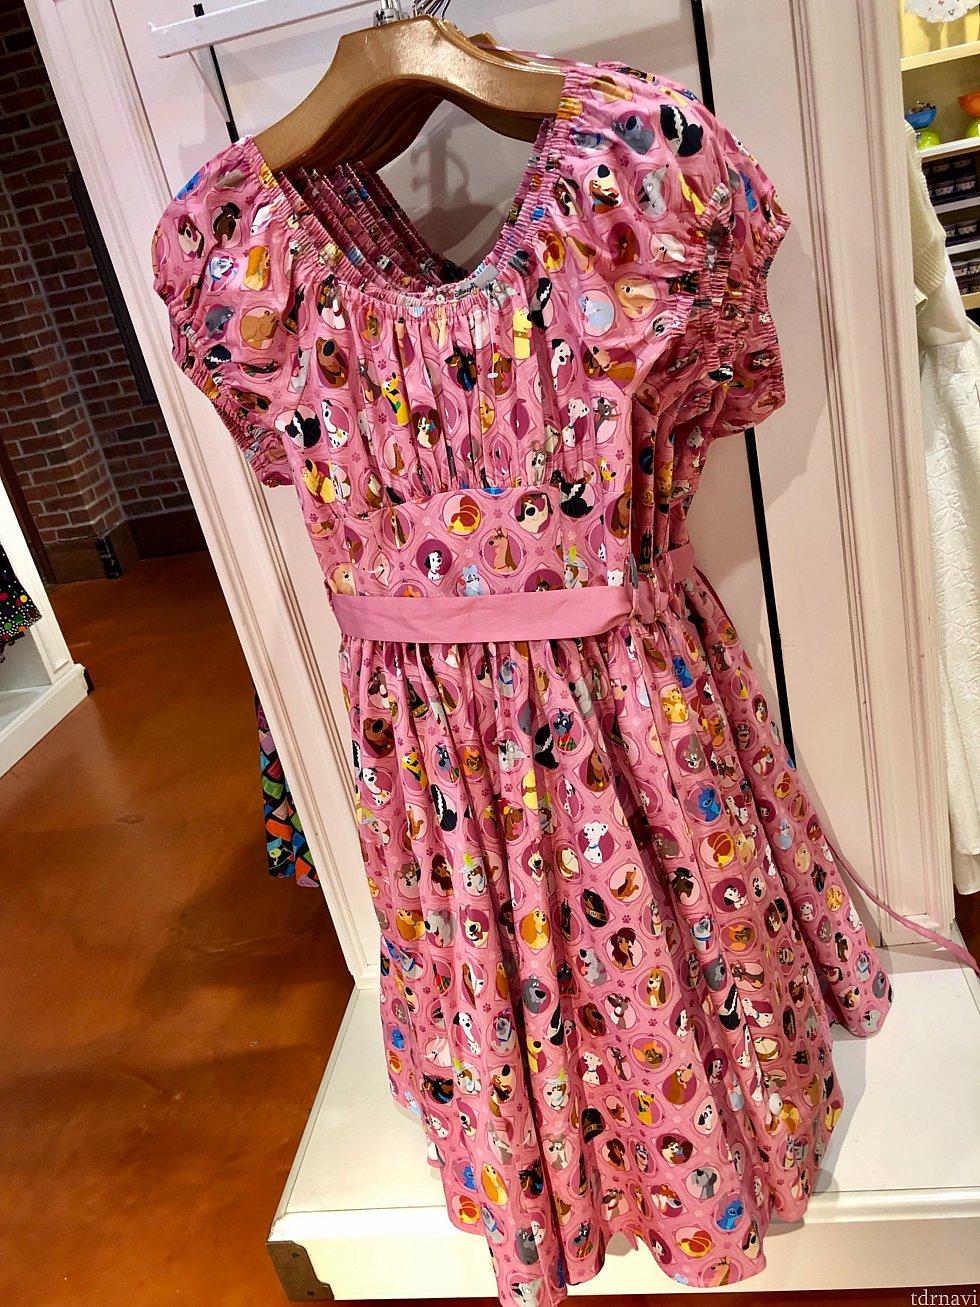 ピンクのドレスはディズニー作品に登場した犬達のキャラクター柄。これも新しいアイディア。